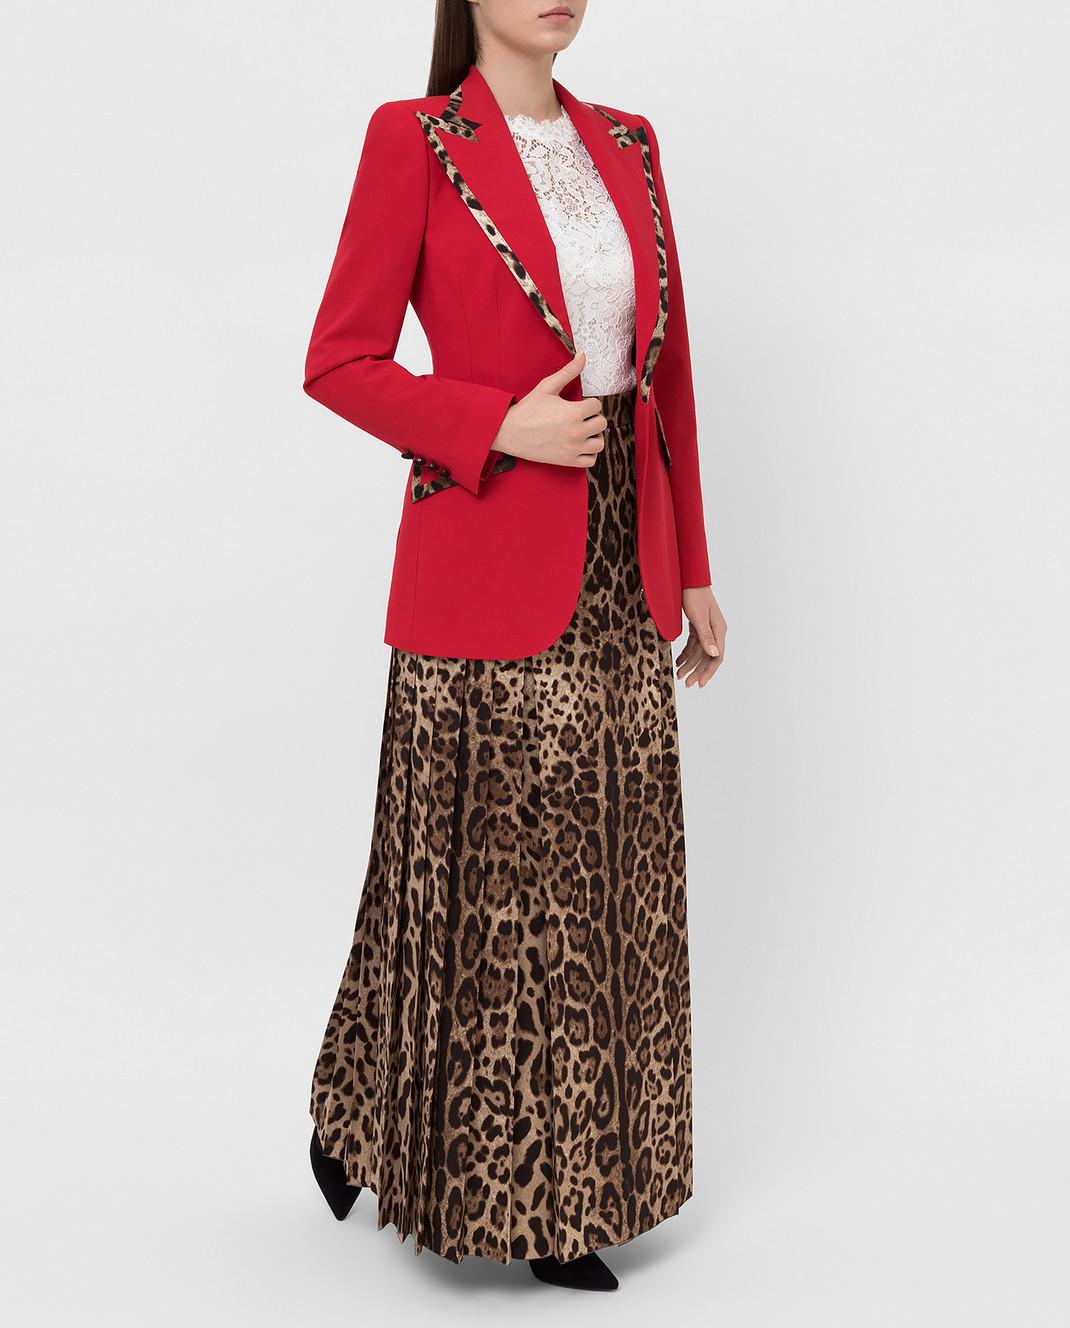 Dolce&Gabbana Красный жакет из шерсти изображение 2